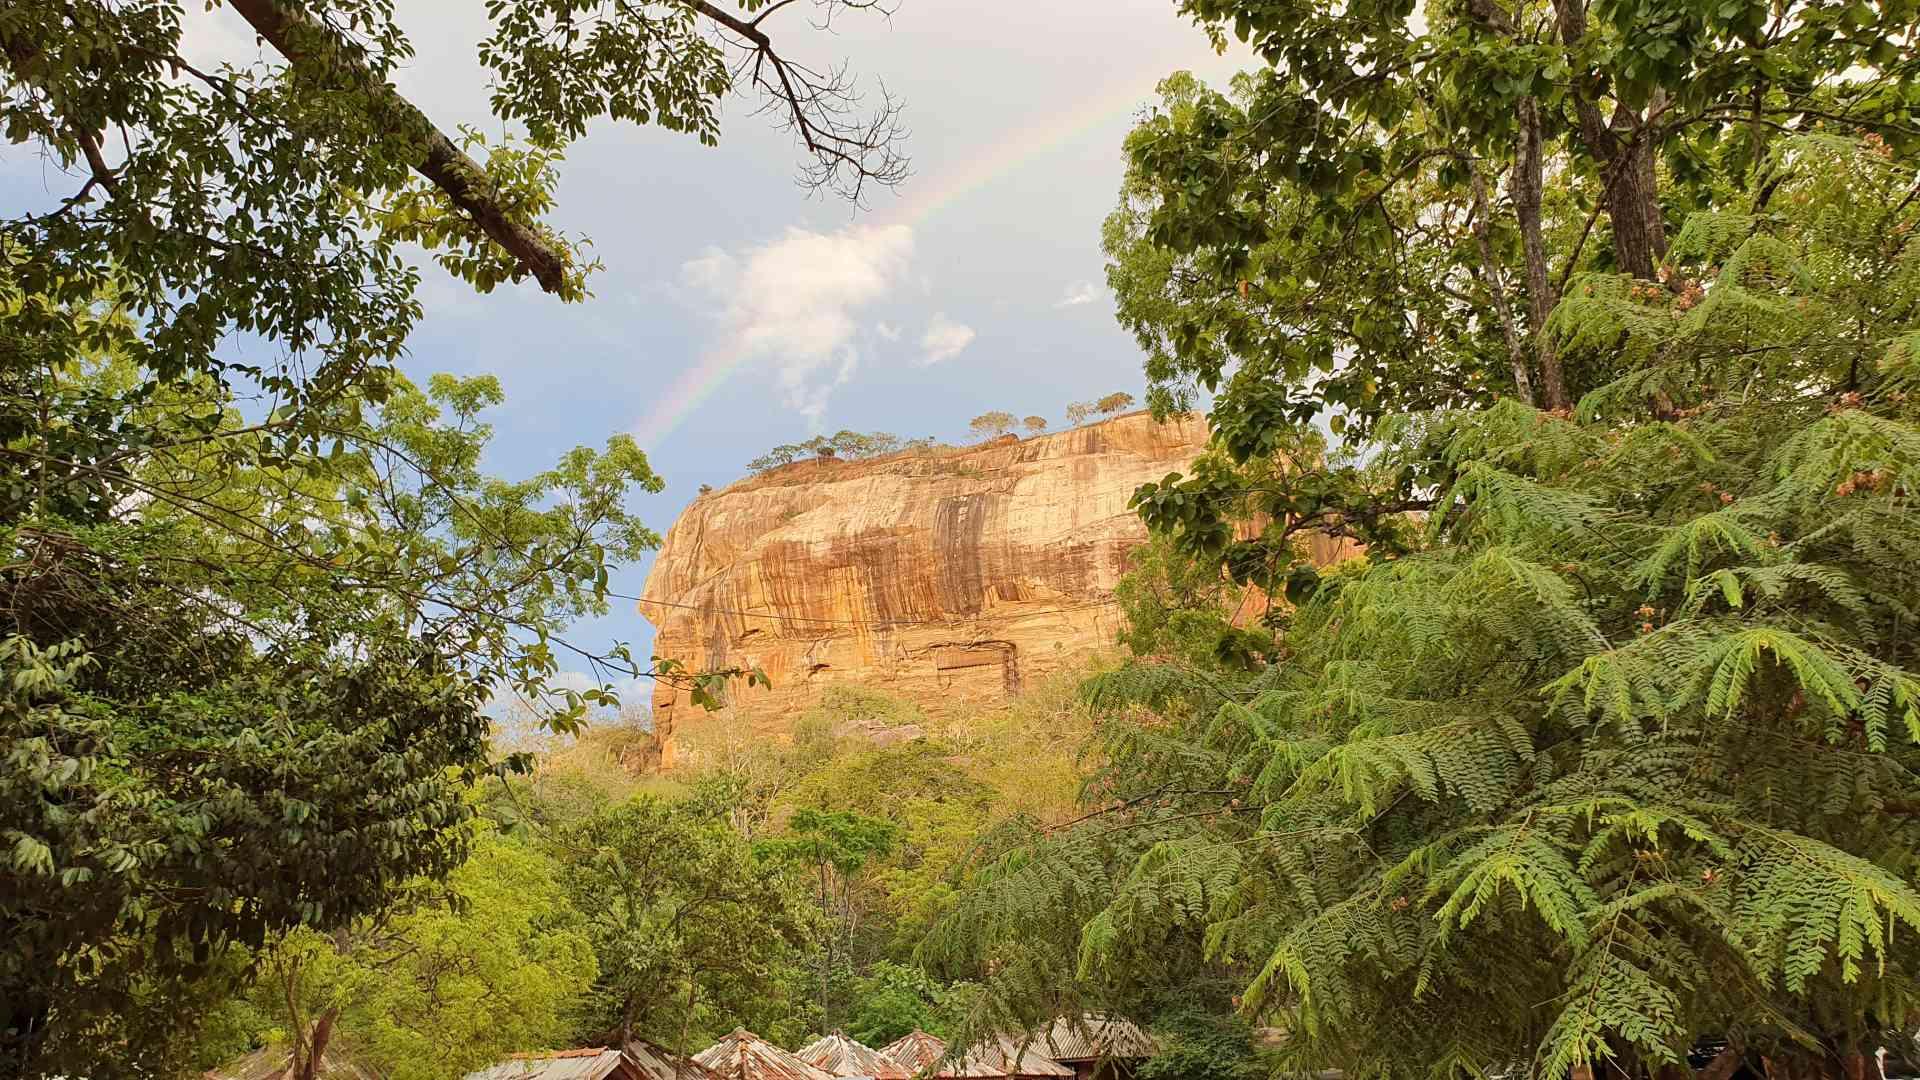 Ancient Ruins Amongst Lush Jungle Foliage